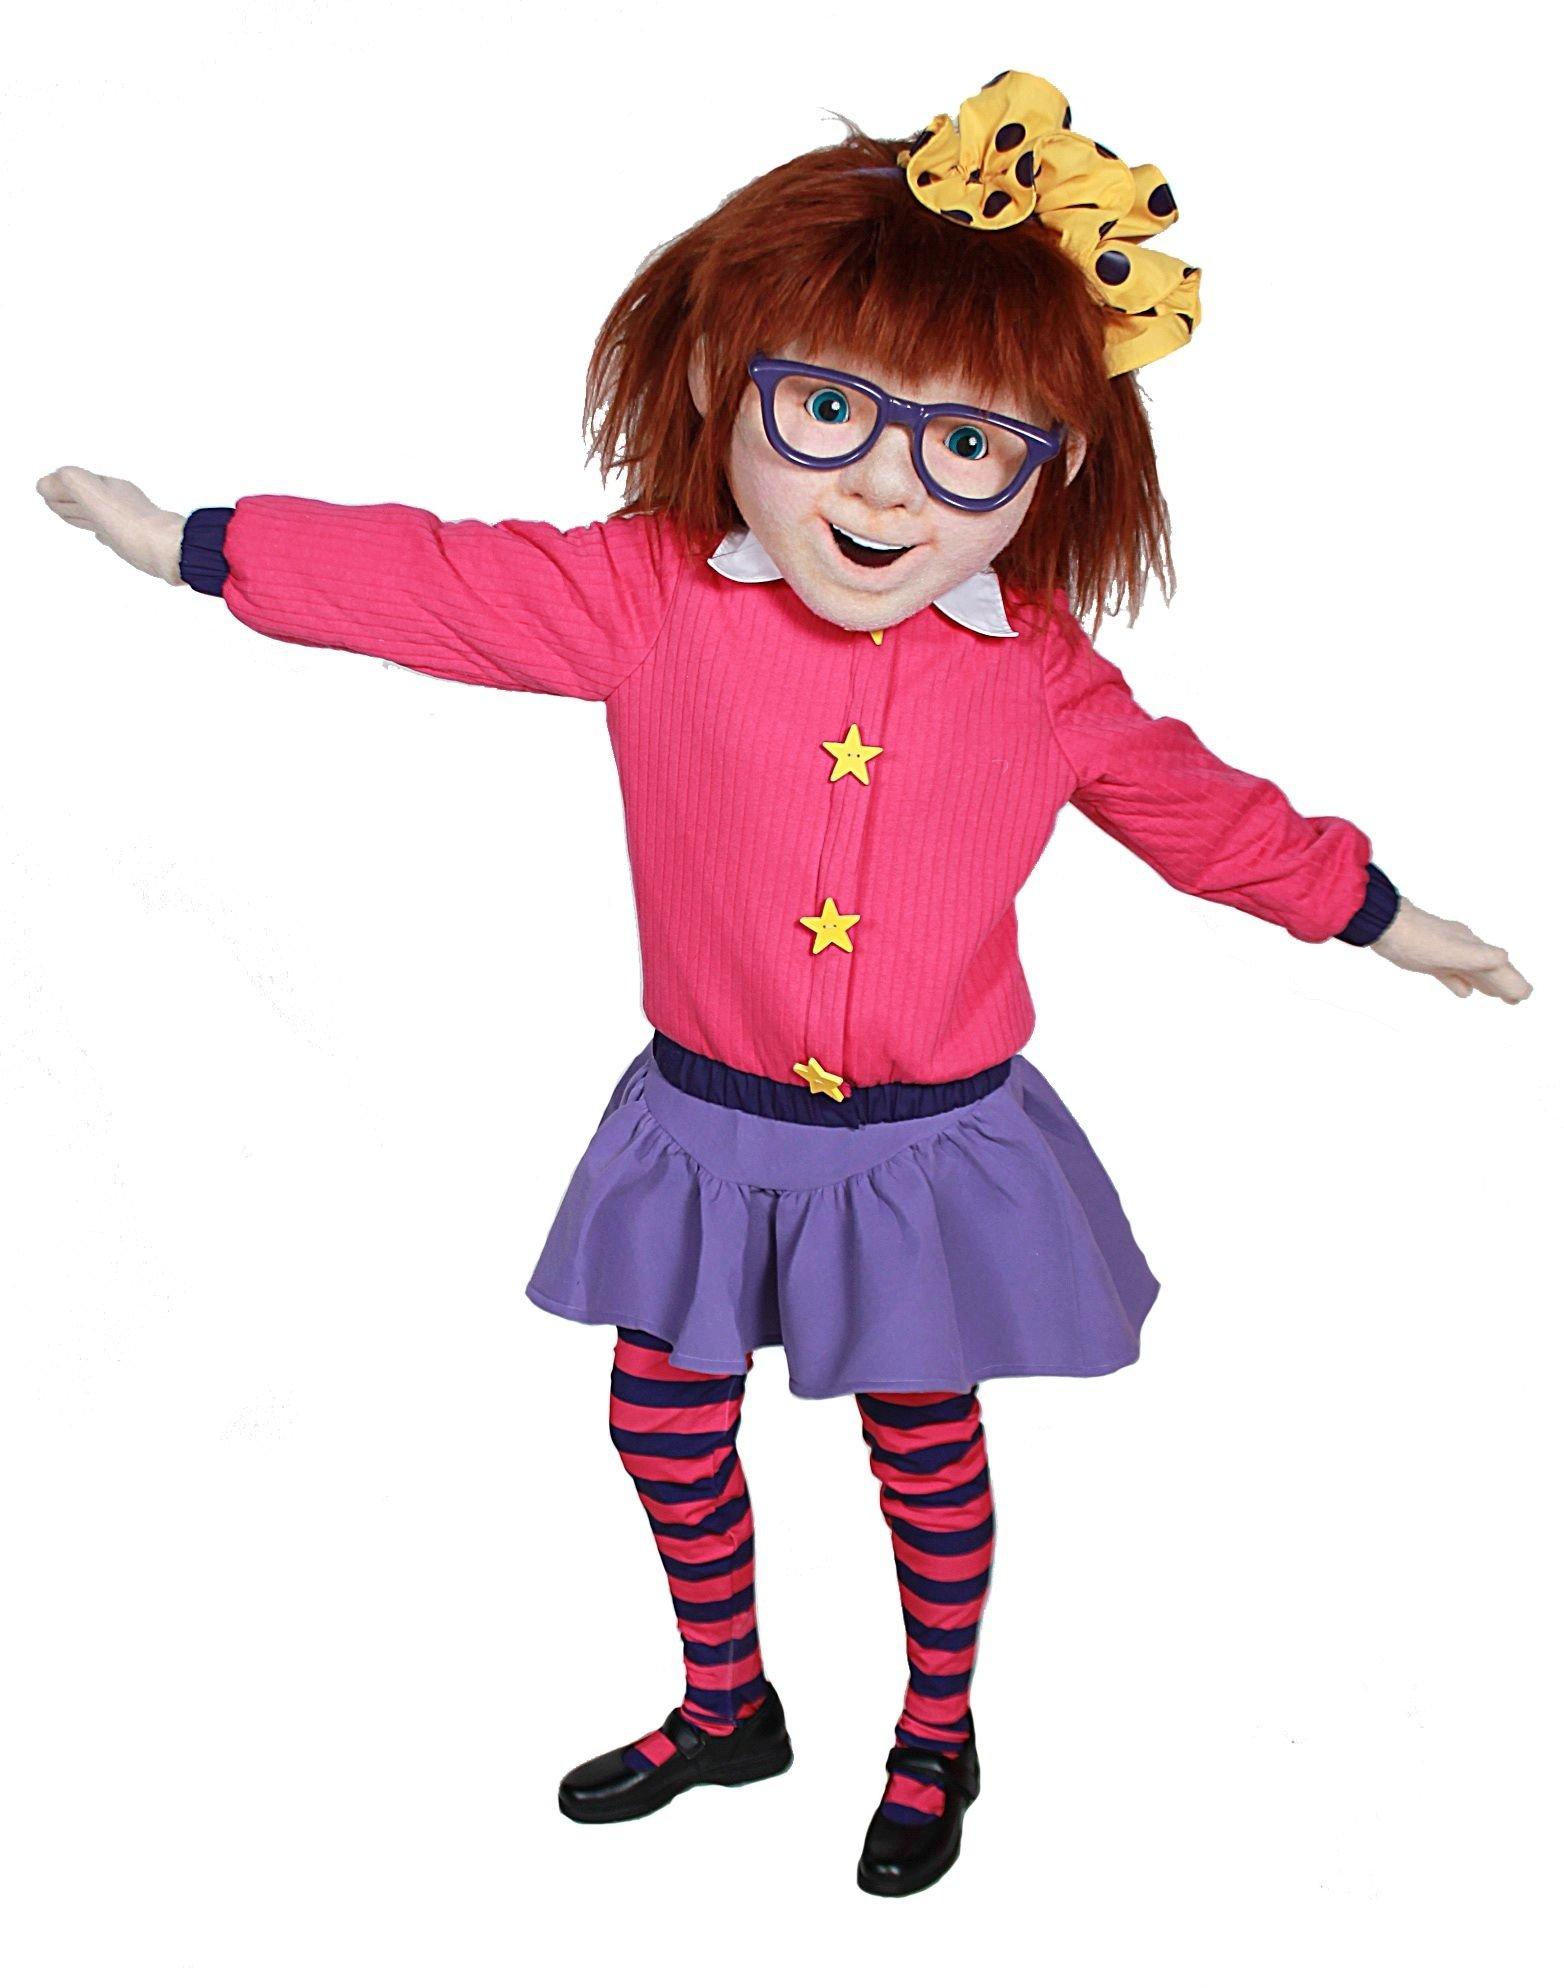 10 Unique Junie B Jones Costume Ideas junie b jones costume rental custom mascots costume 2020